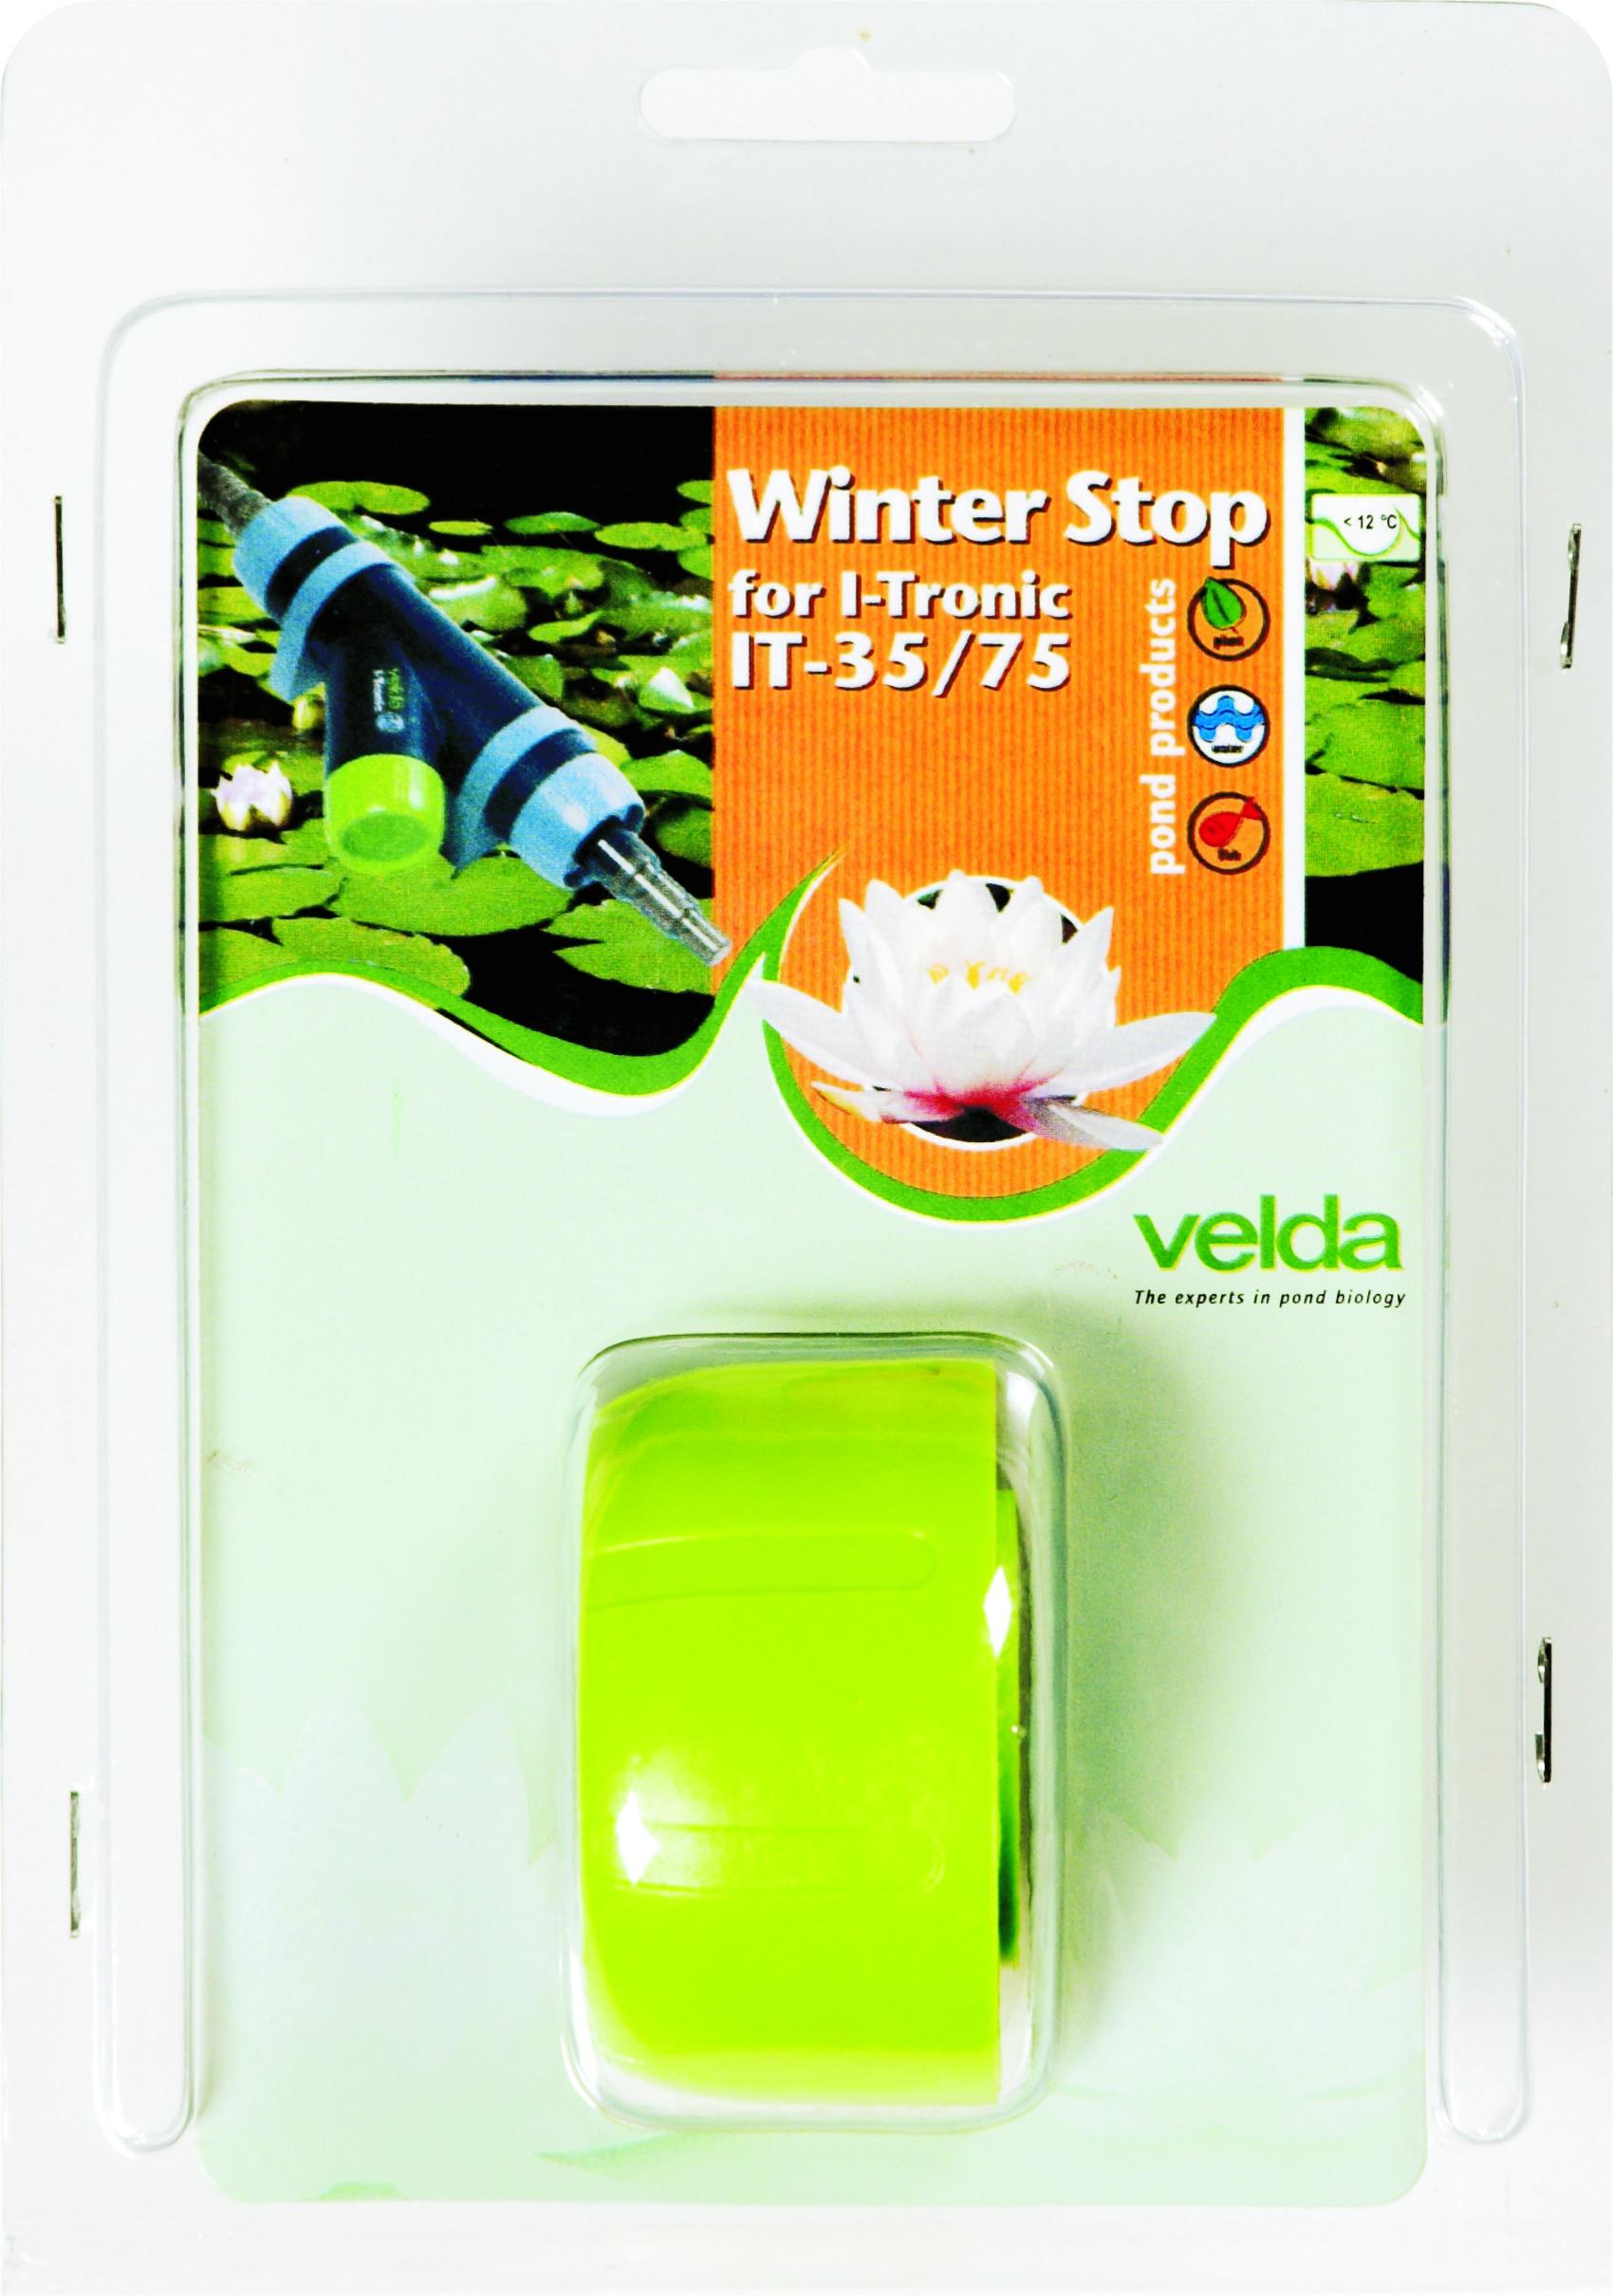 VELDA WINTERSTOP VOOR I-TRONIC IT-05 - IT-15